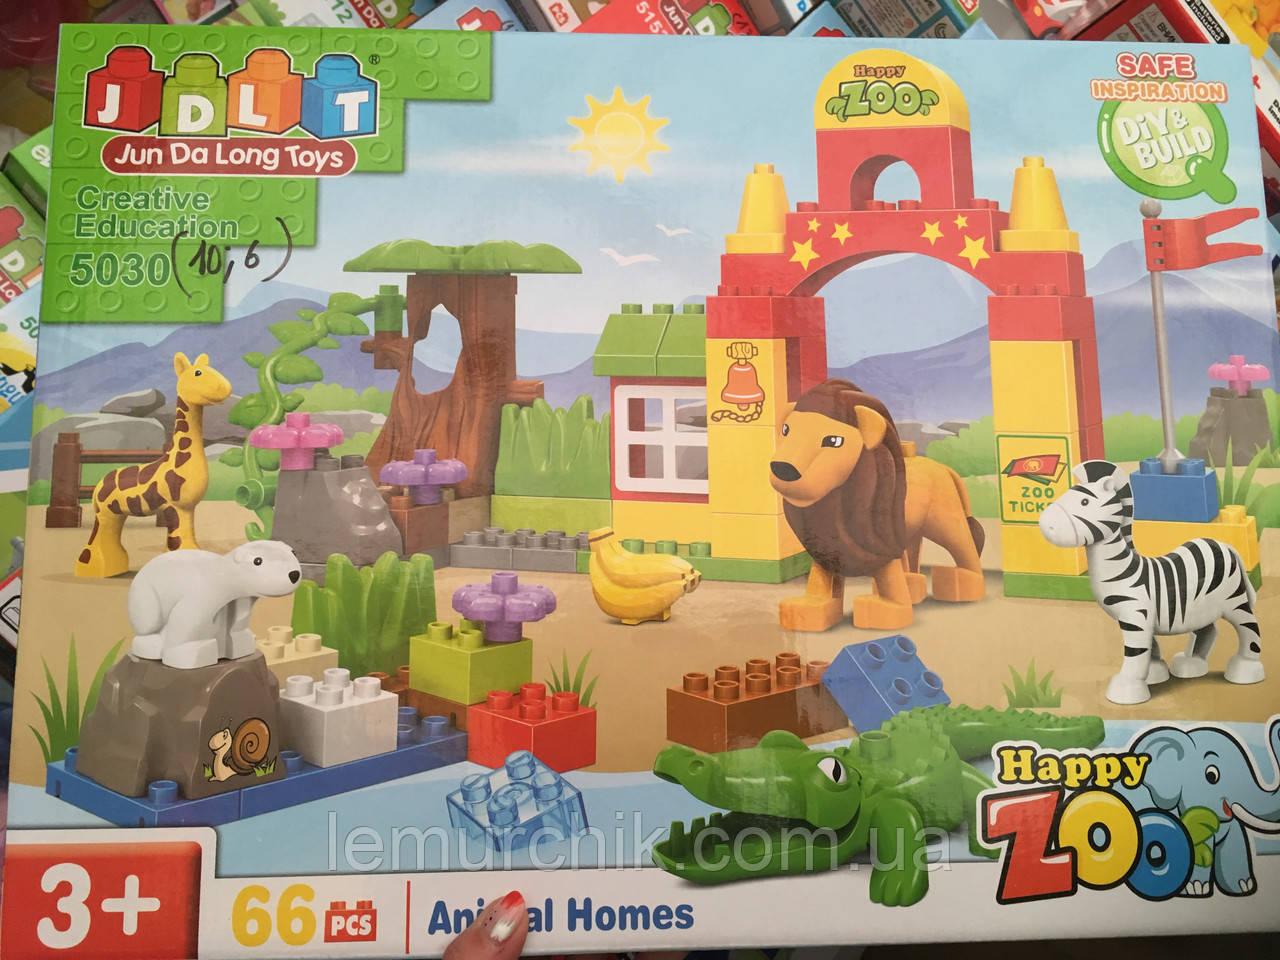 Конструктор JDLT 5030 Зоопарк - аналог Lego Duplo, 66 дет